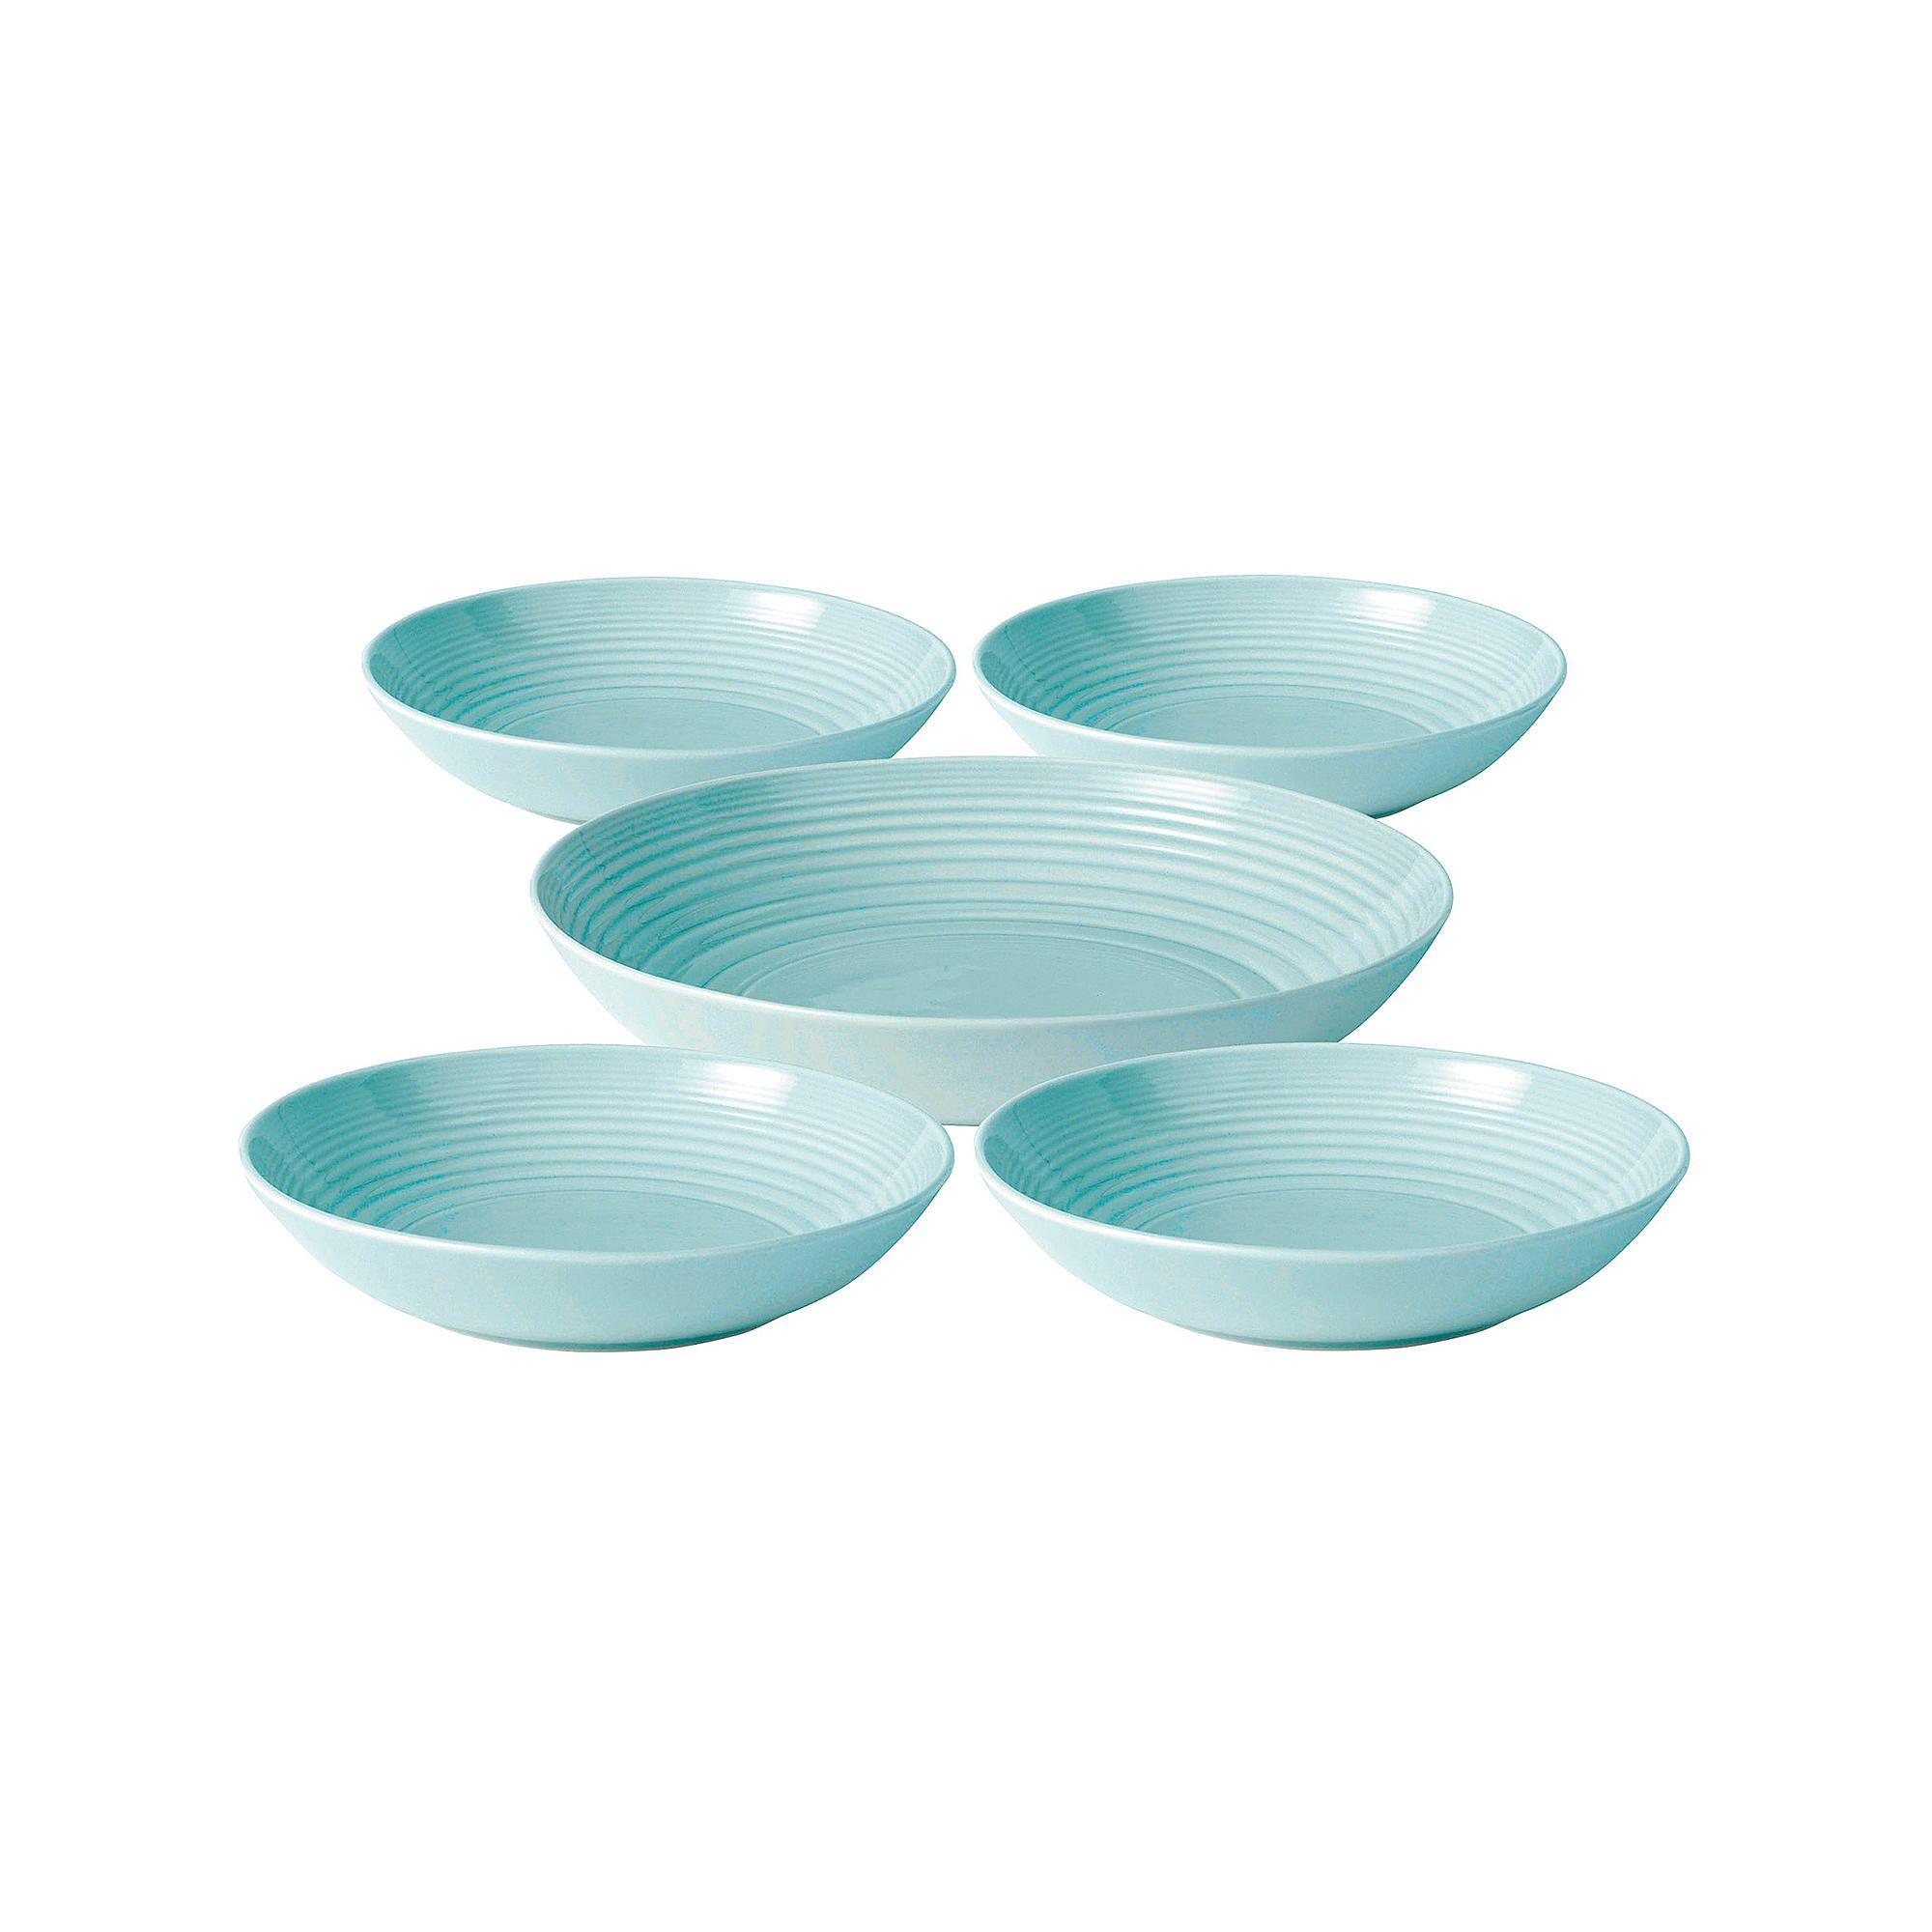 Gordon Ramsay Maze Blue by Royal Doulton® 5-pc. Pasta Set ...